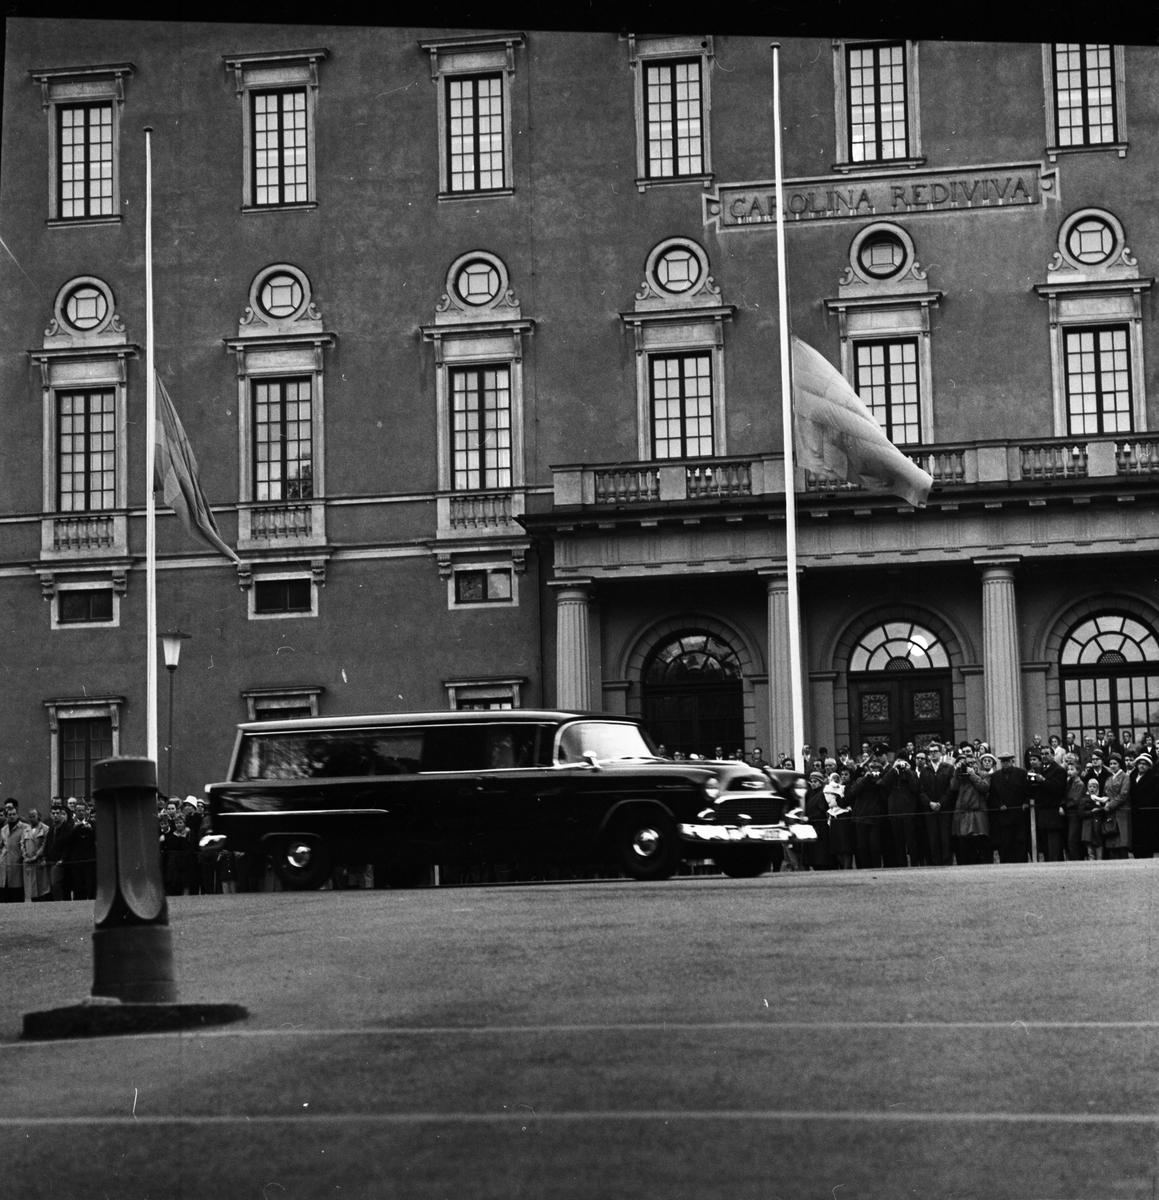 Dag Hammarskjölds begravning. Kistans färd och ankomst till Uppsala, september 1961